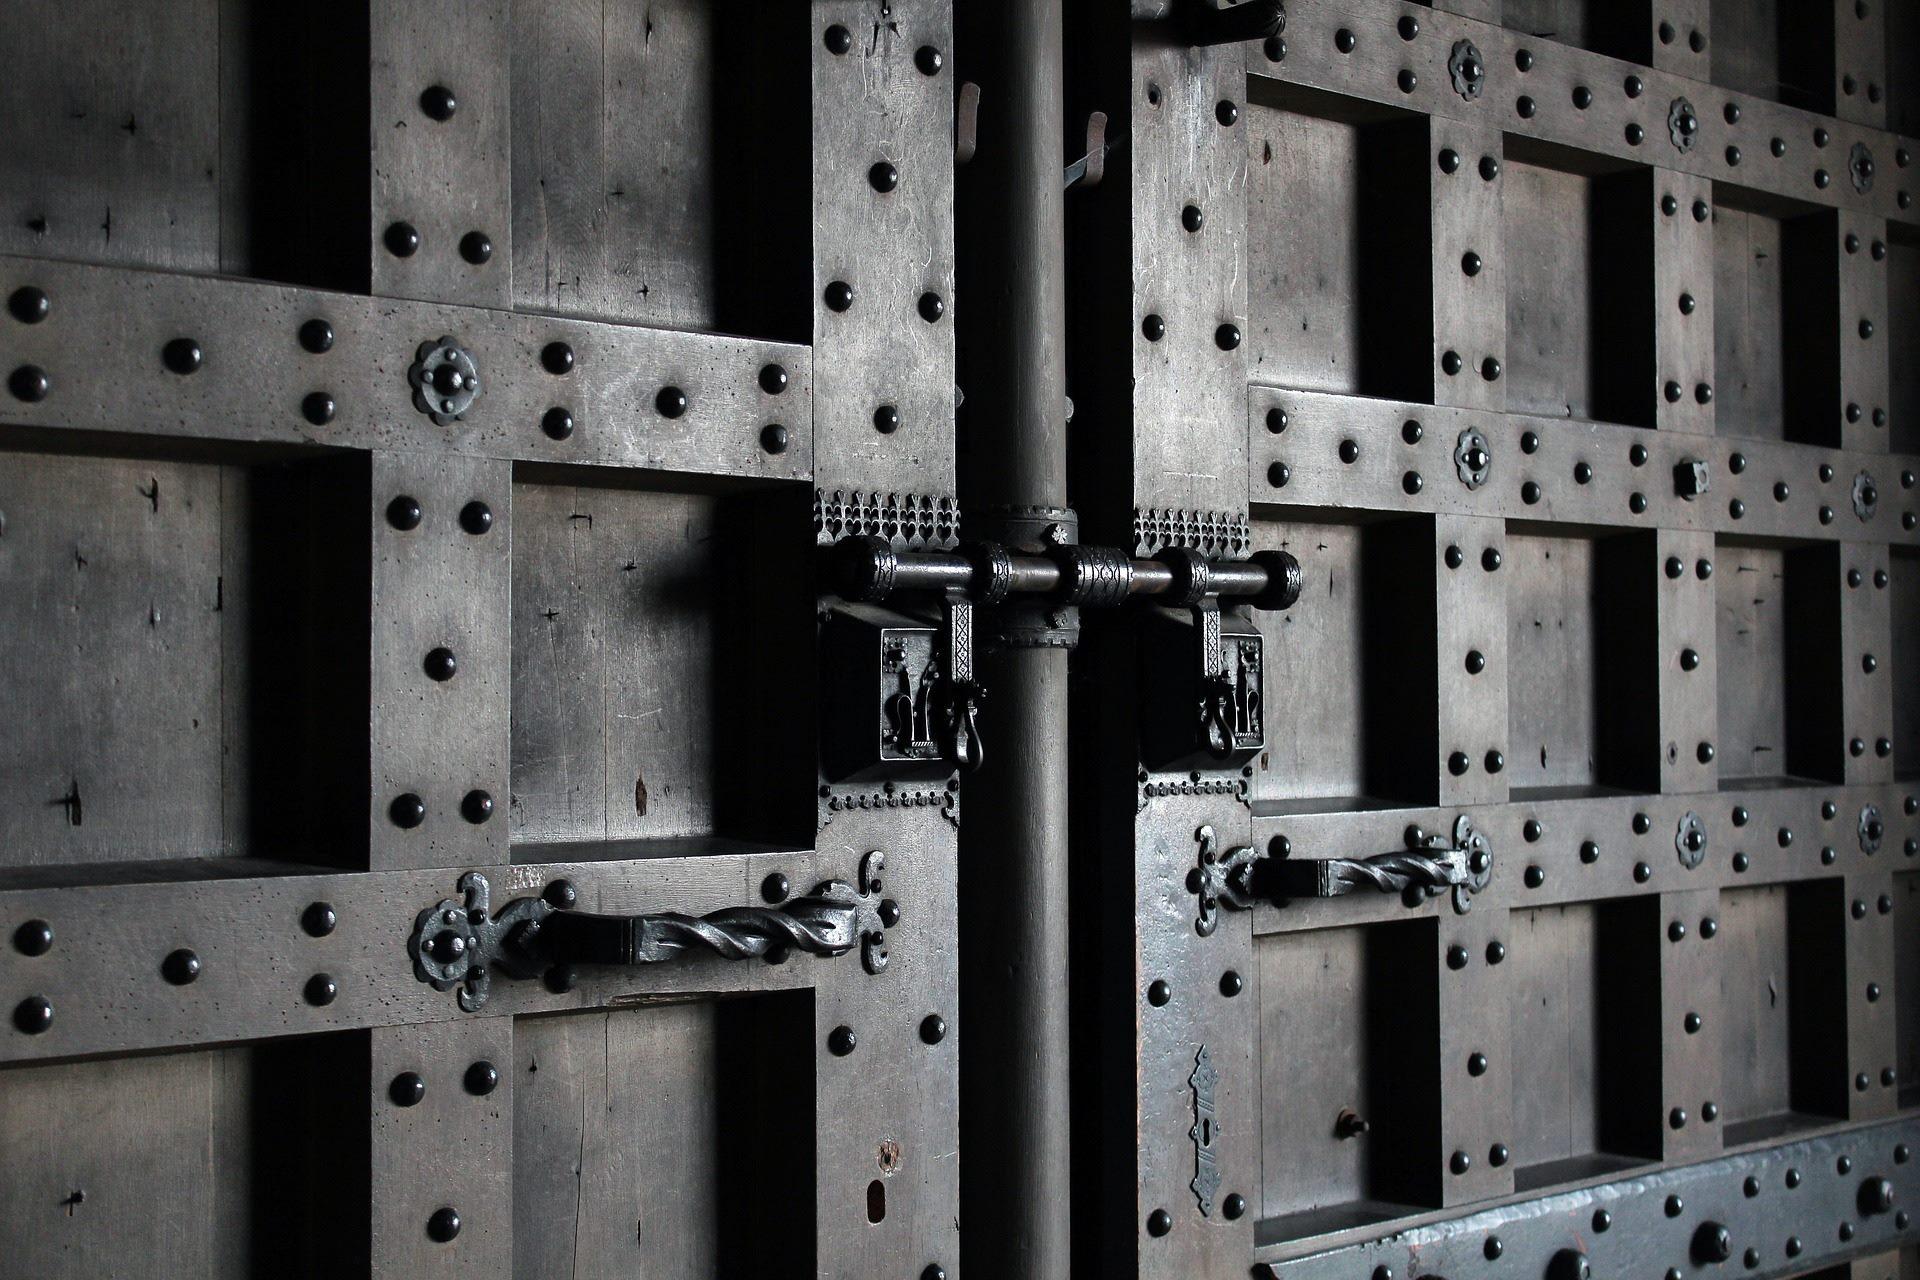 didelės metalinės šarvuotos durys